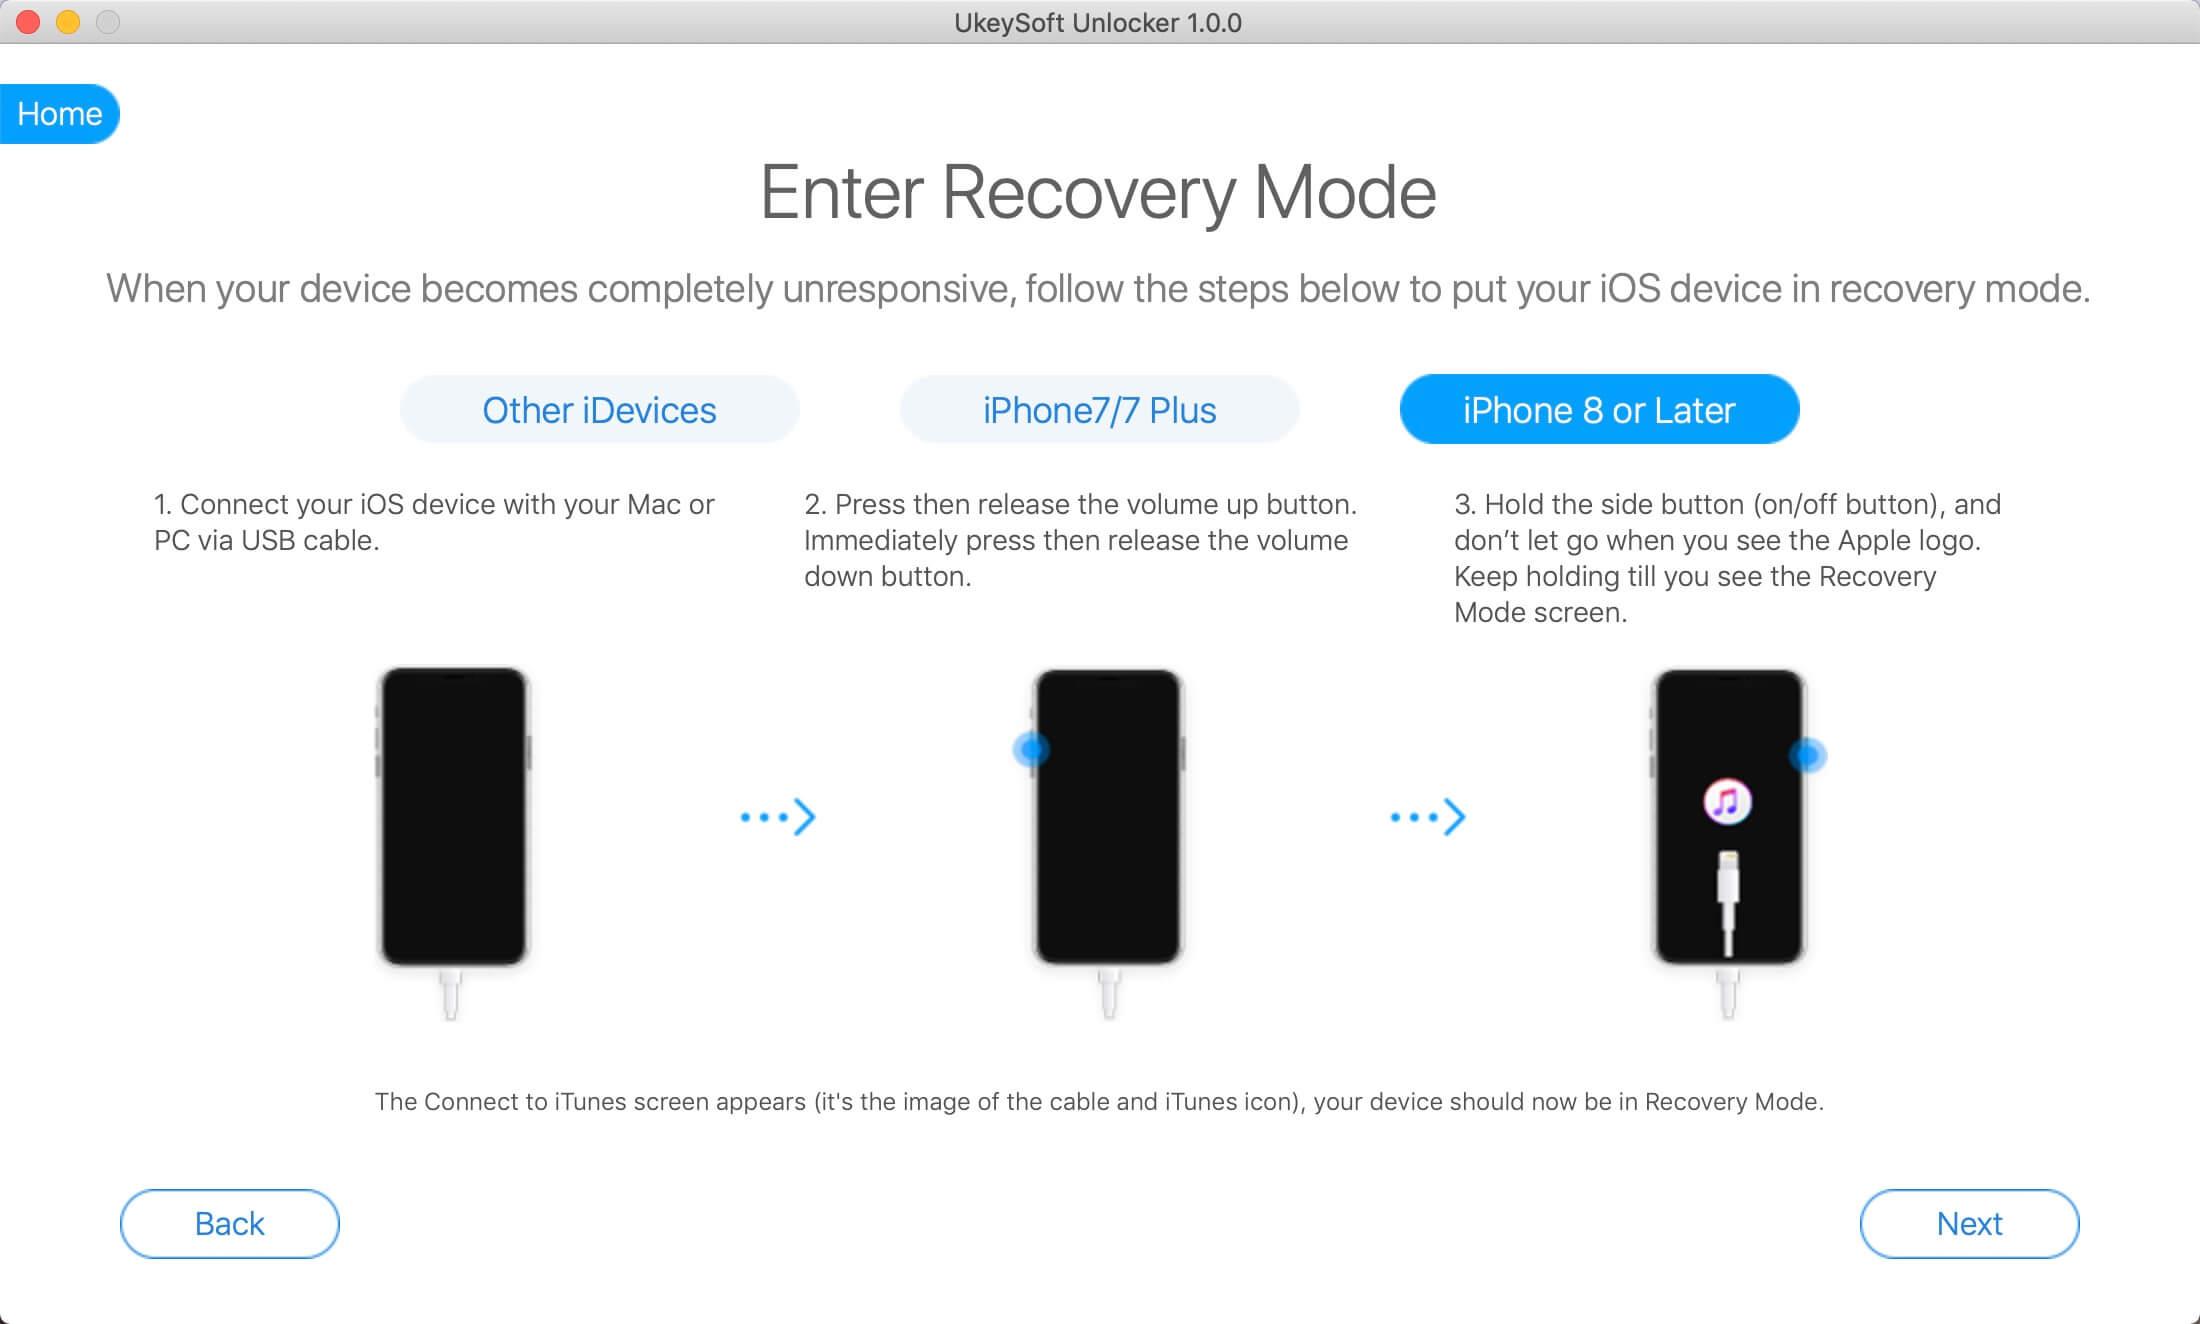 войти в режим восстановления, чтобы разблокировать отключенный iPhone